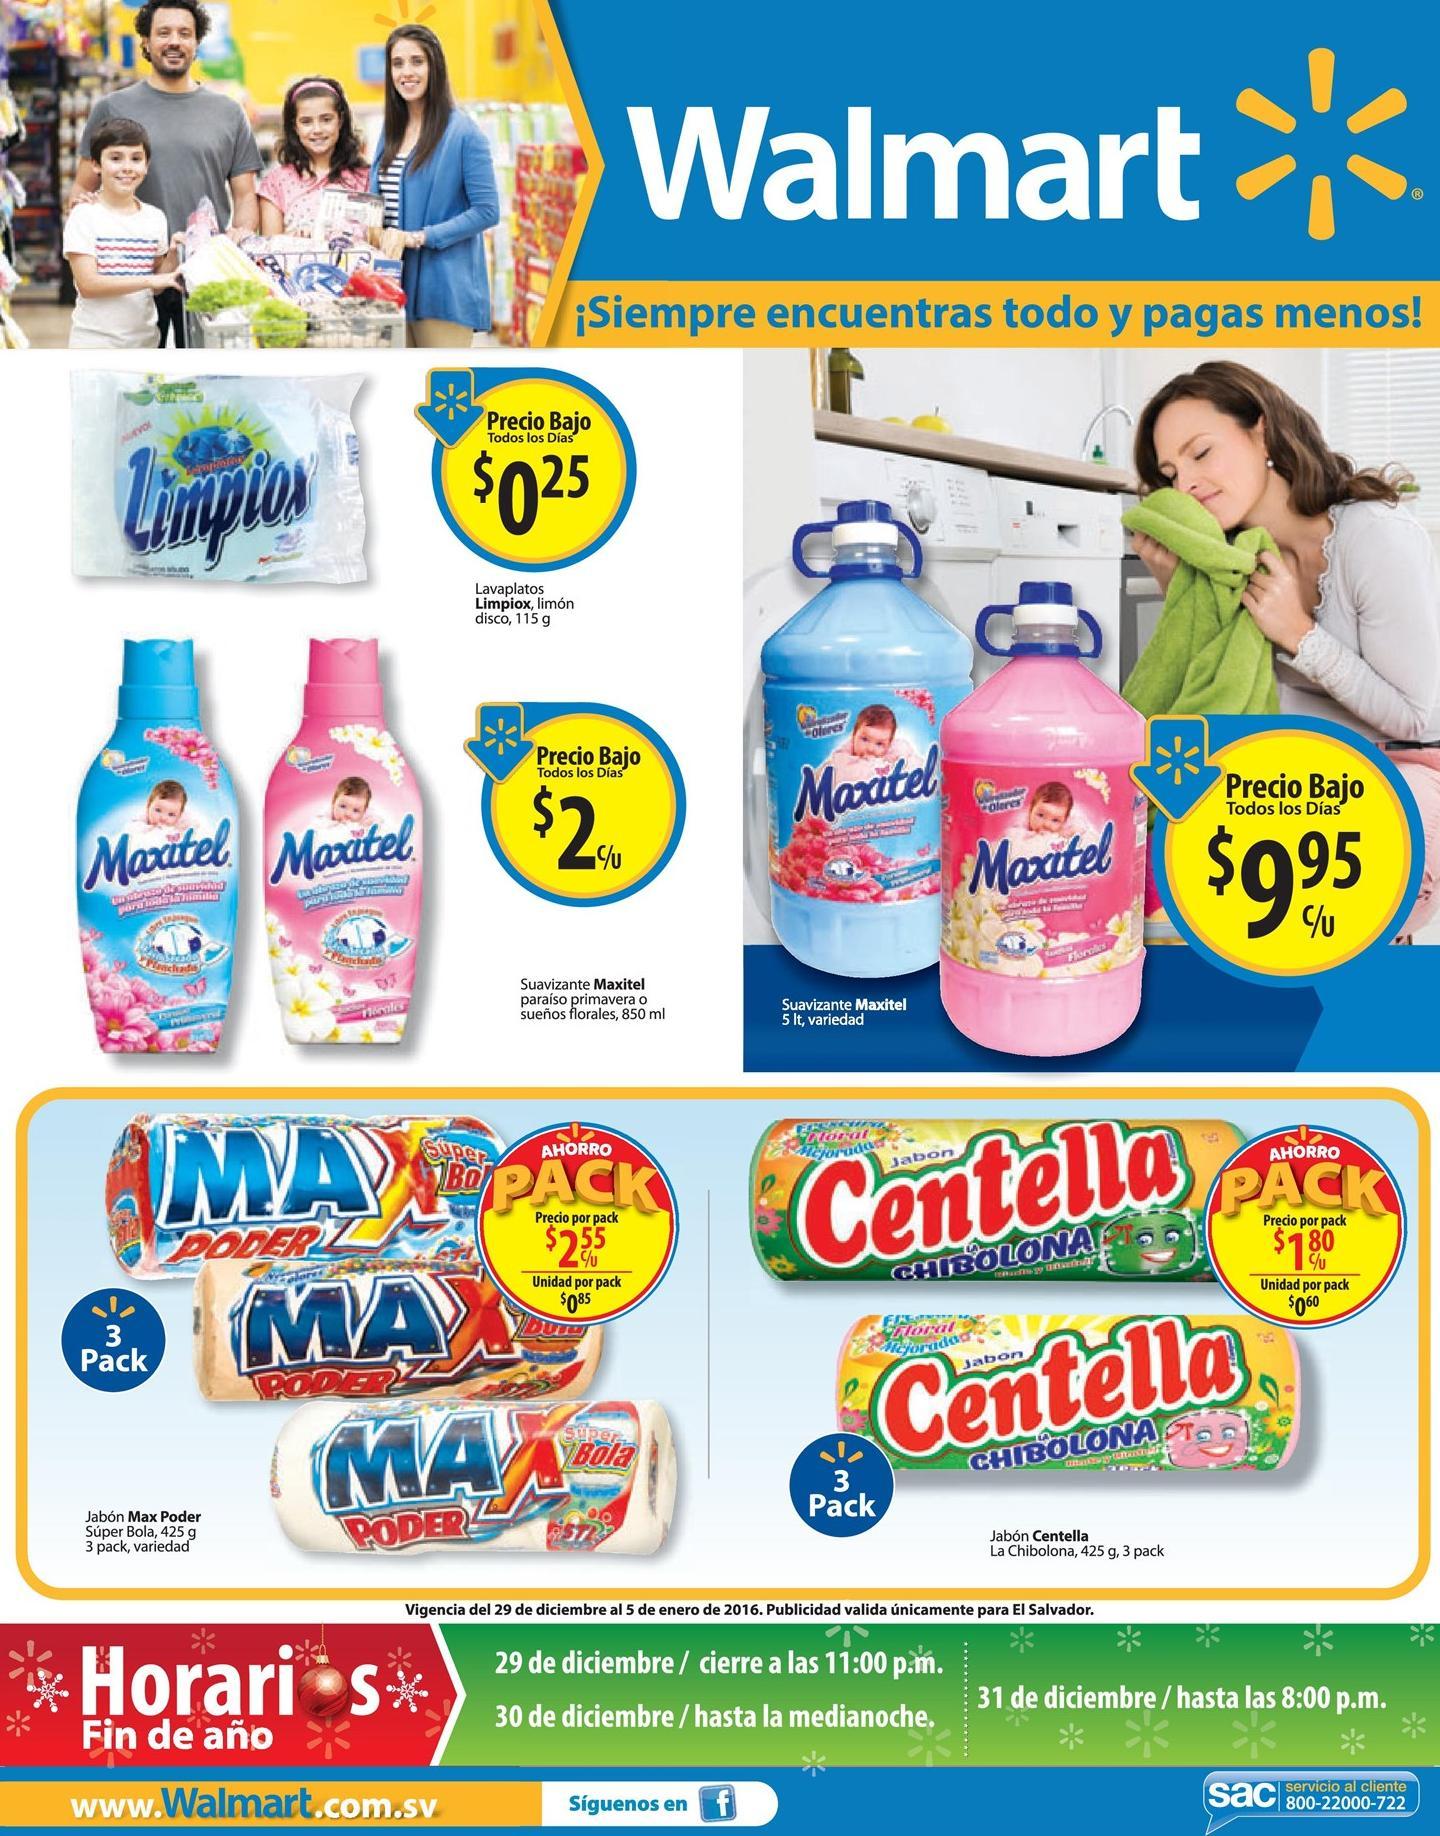 WALMART Horarios y ofertas de fin de año 2015